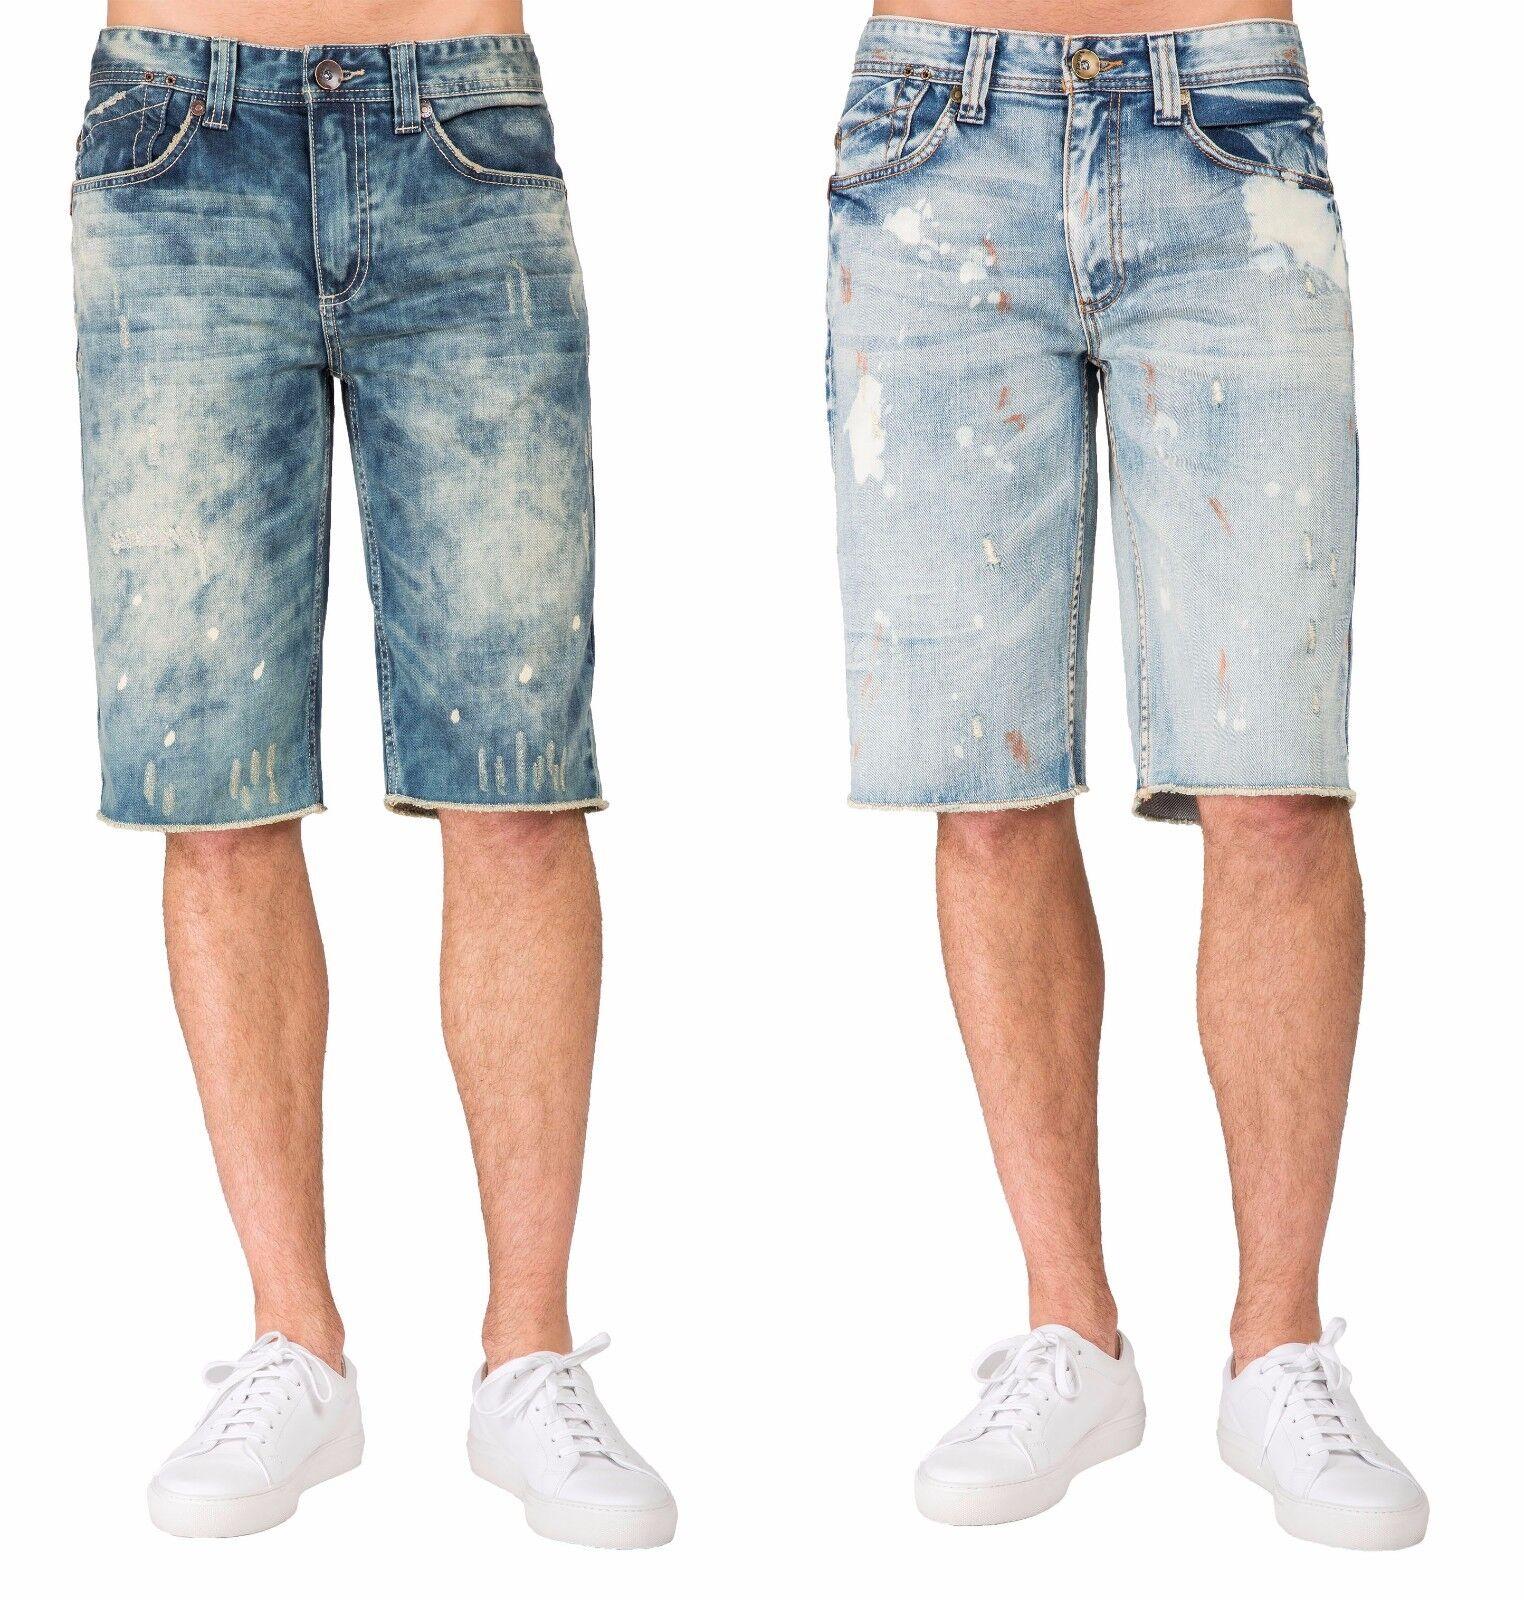 Nivel 7 para hombre Premium Denim Shorts  midrise cortar Bleach Azul Manchas  promociones